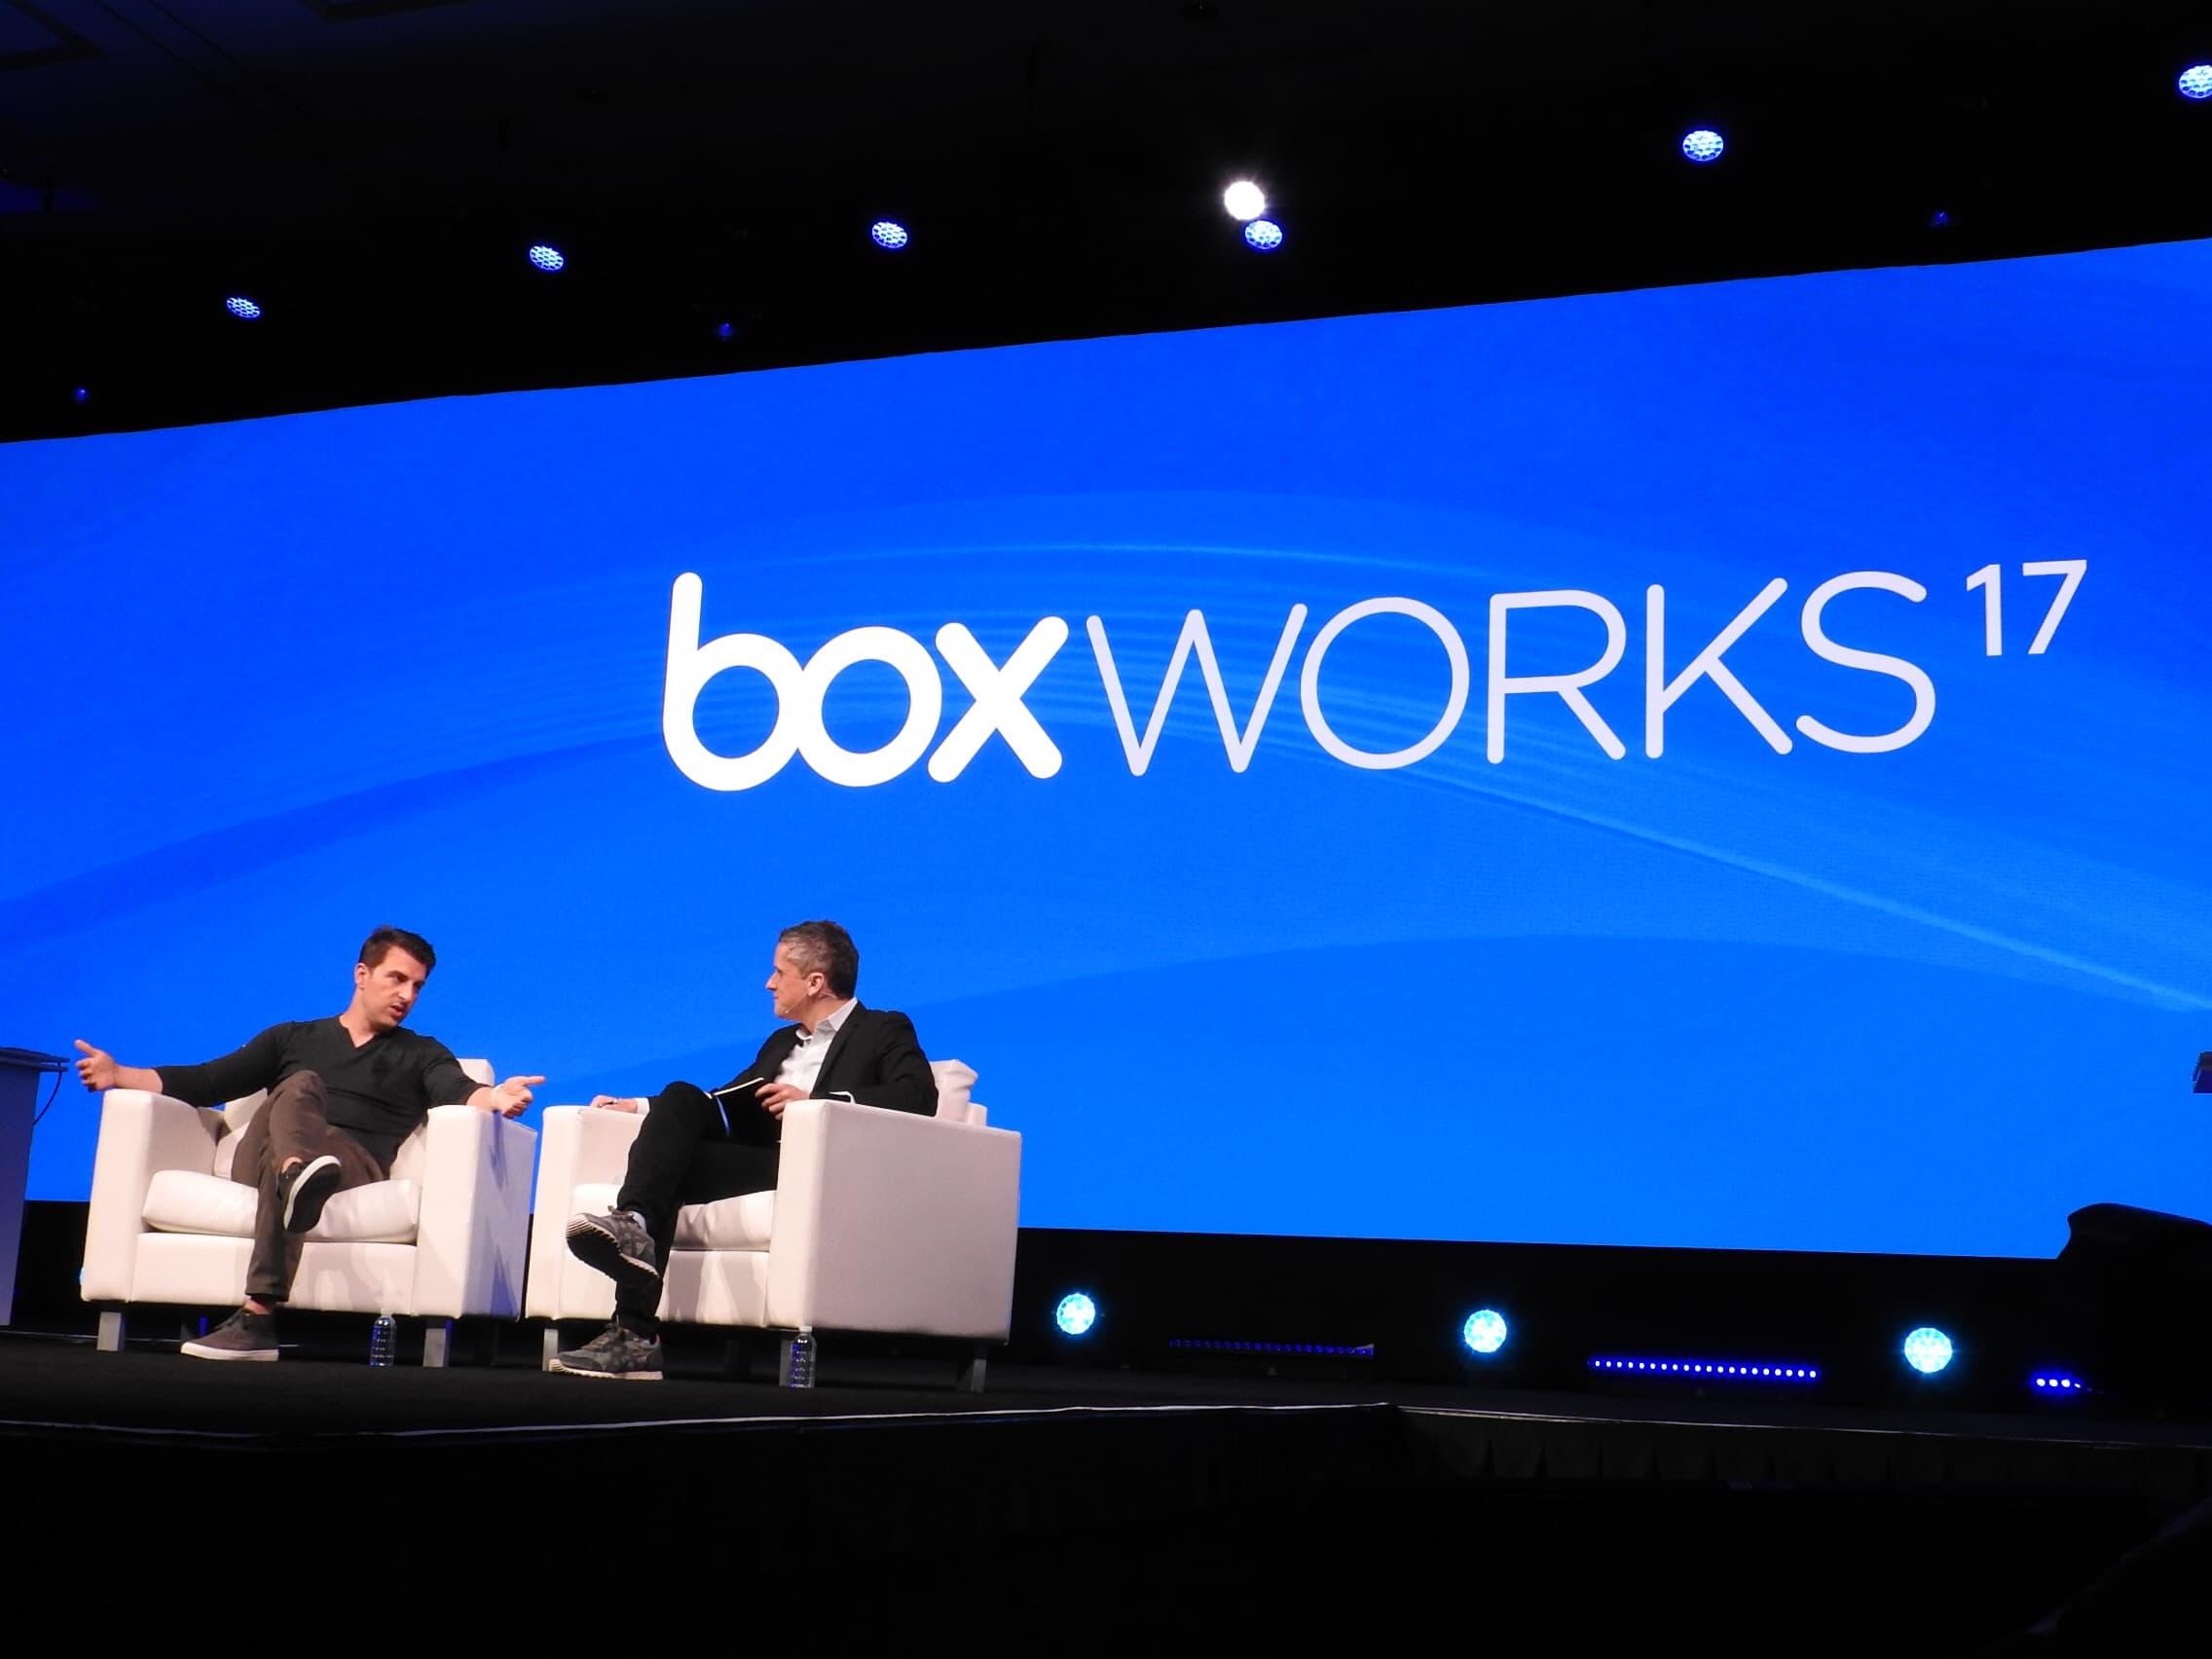 Boxの進化支えるビジネスパートナー